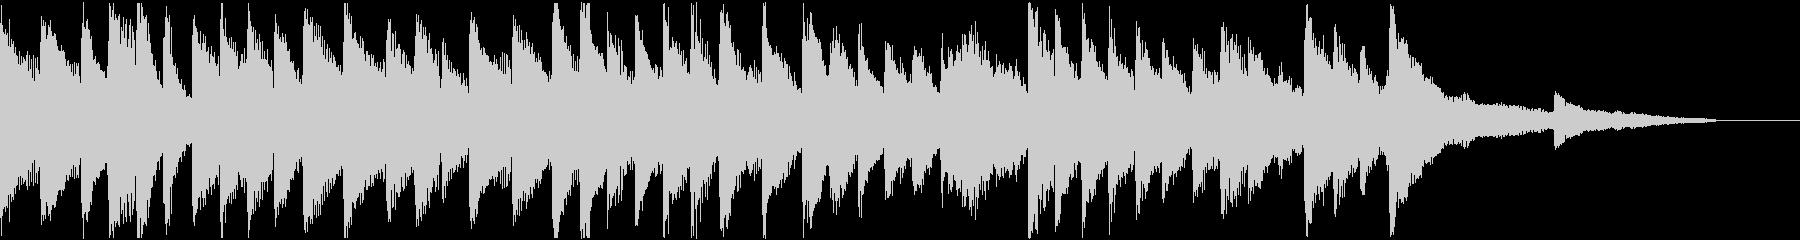 明るく軽めの変拍子のピアノソロの未再生の波形